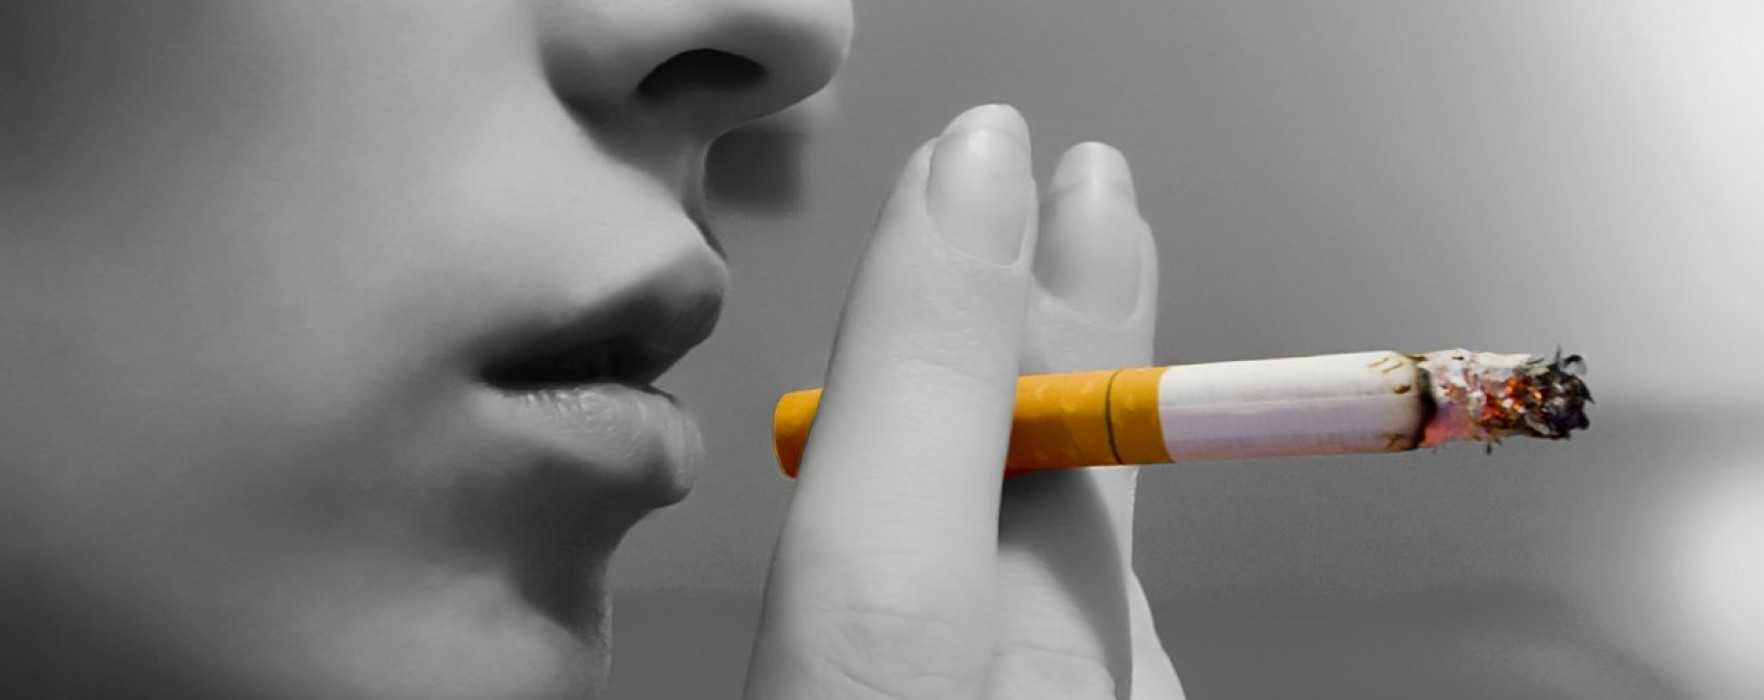 Târgovişte: Poliţiştii locali au început să dea amenzi celor care fumează în spaţii publice